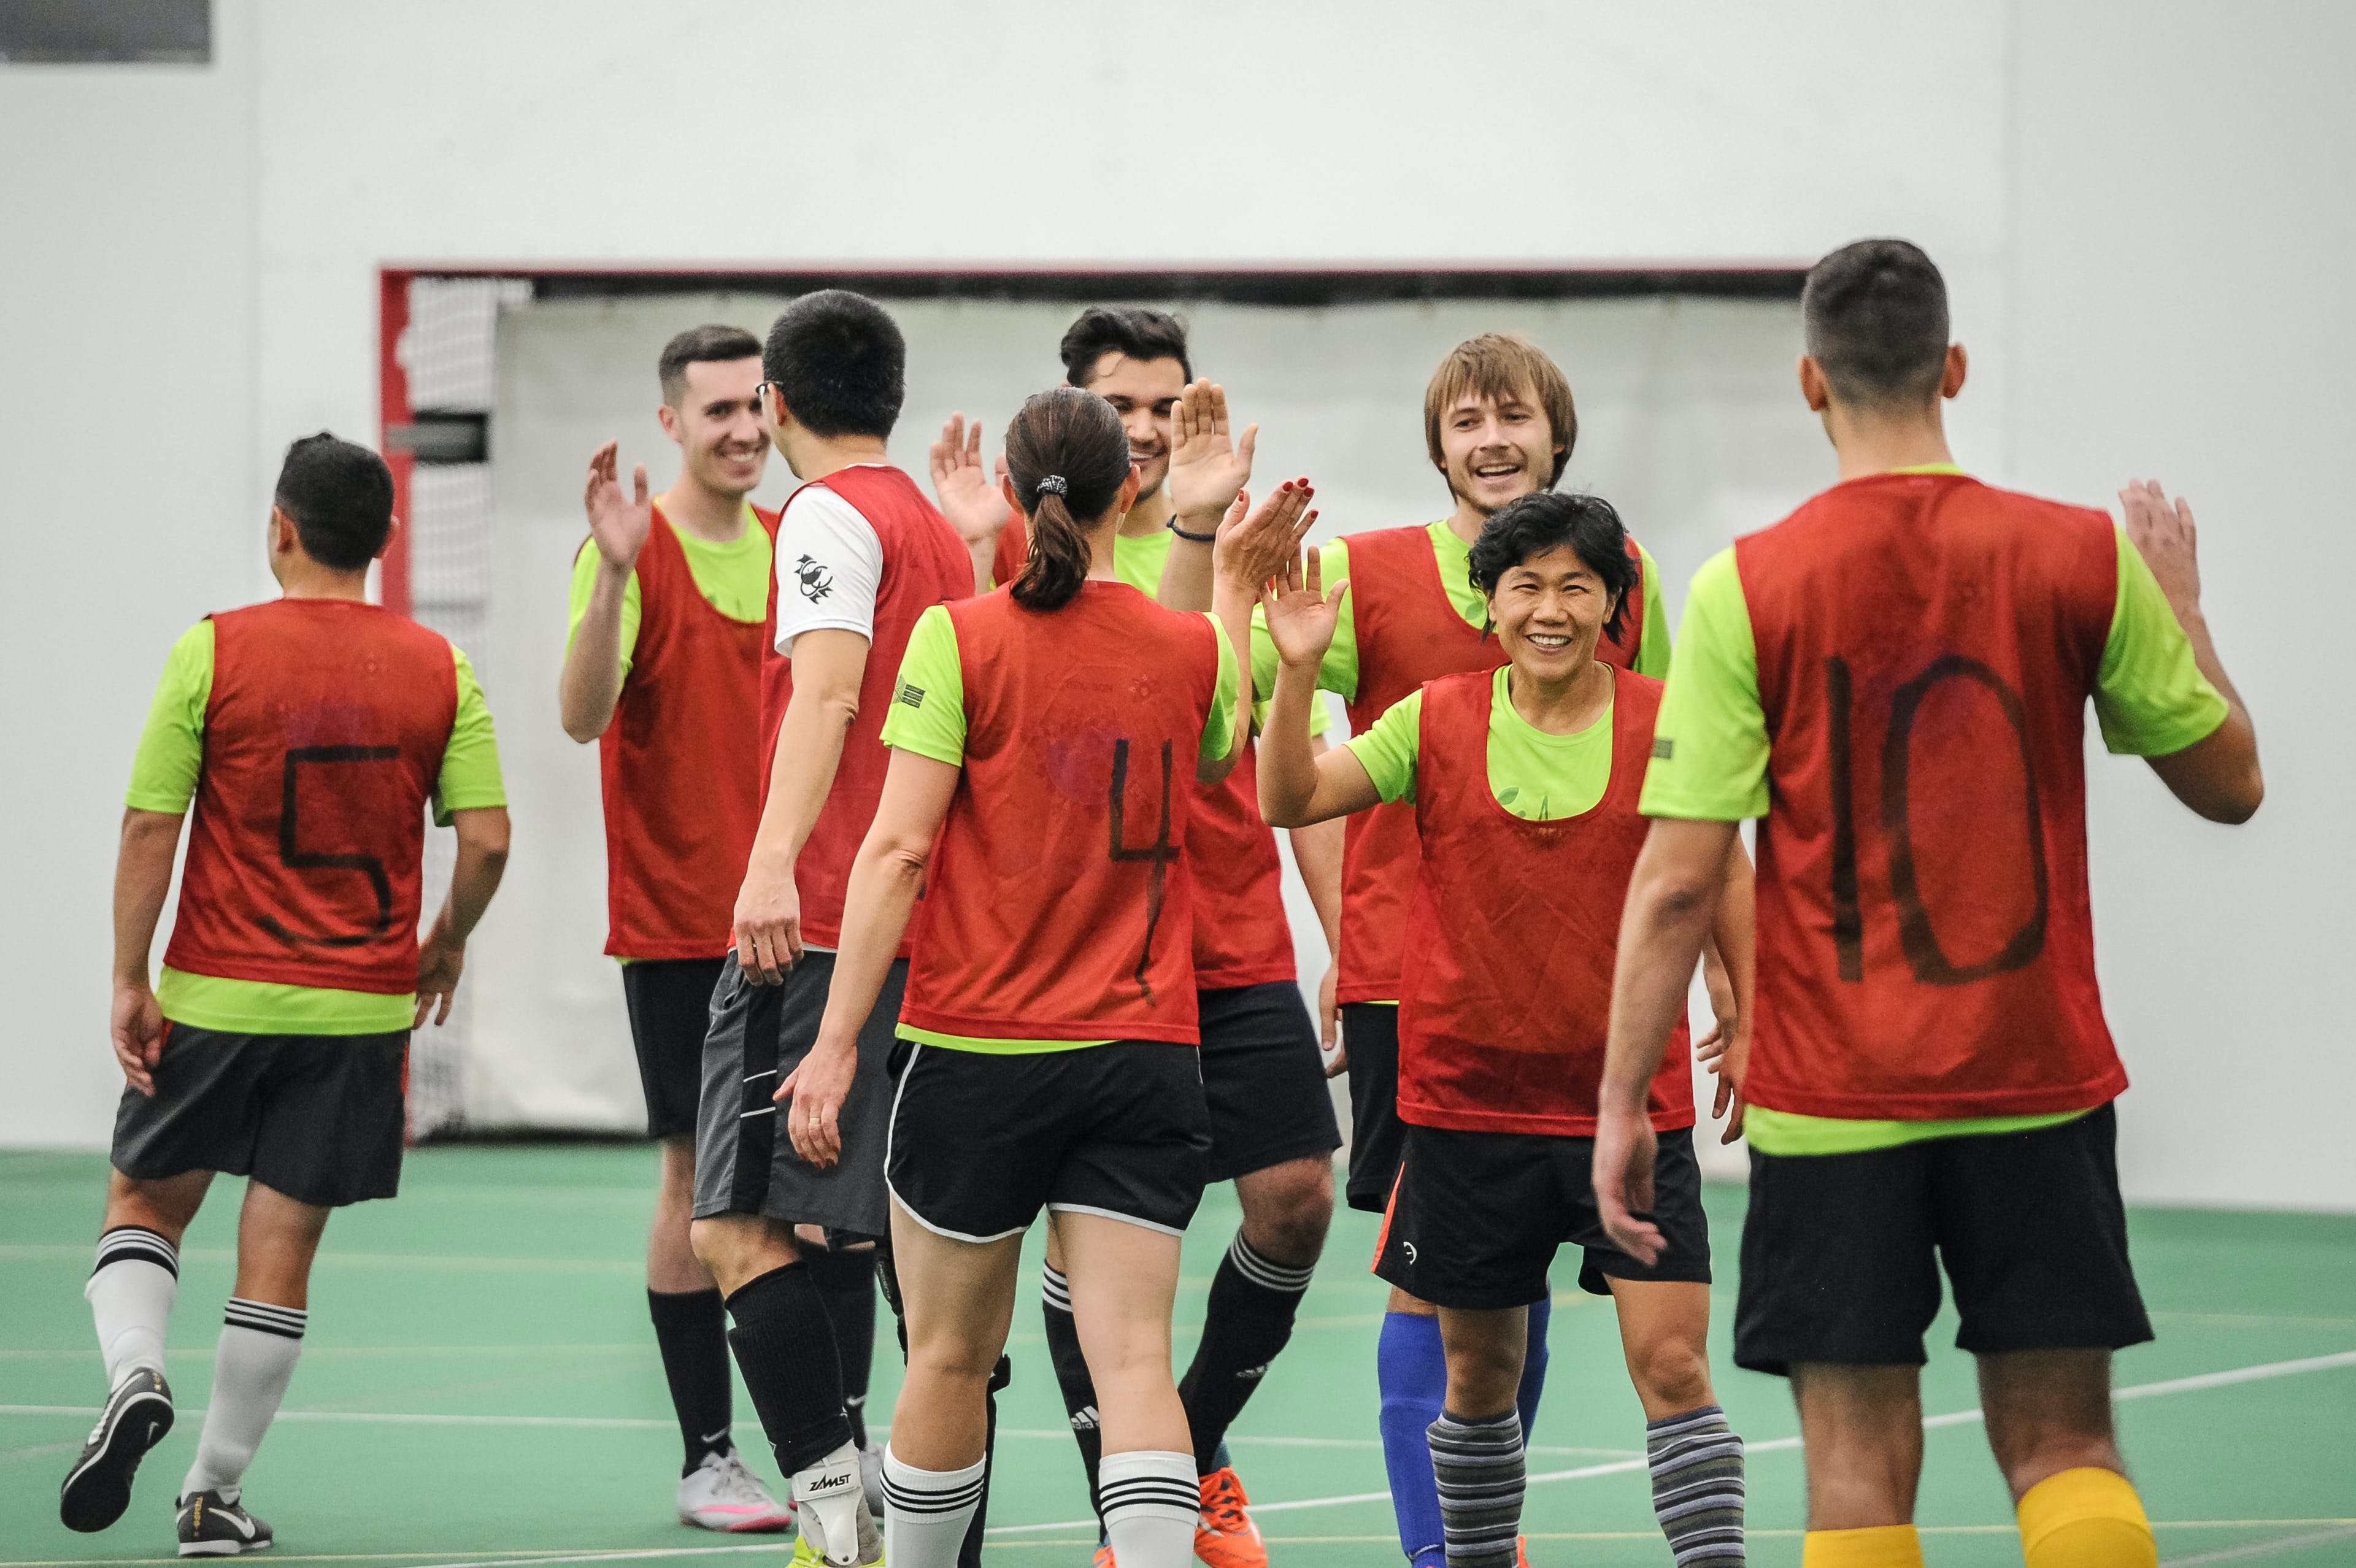 A soccer team celebrating after game